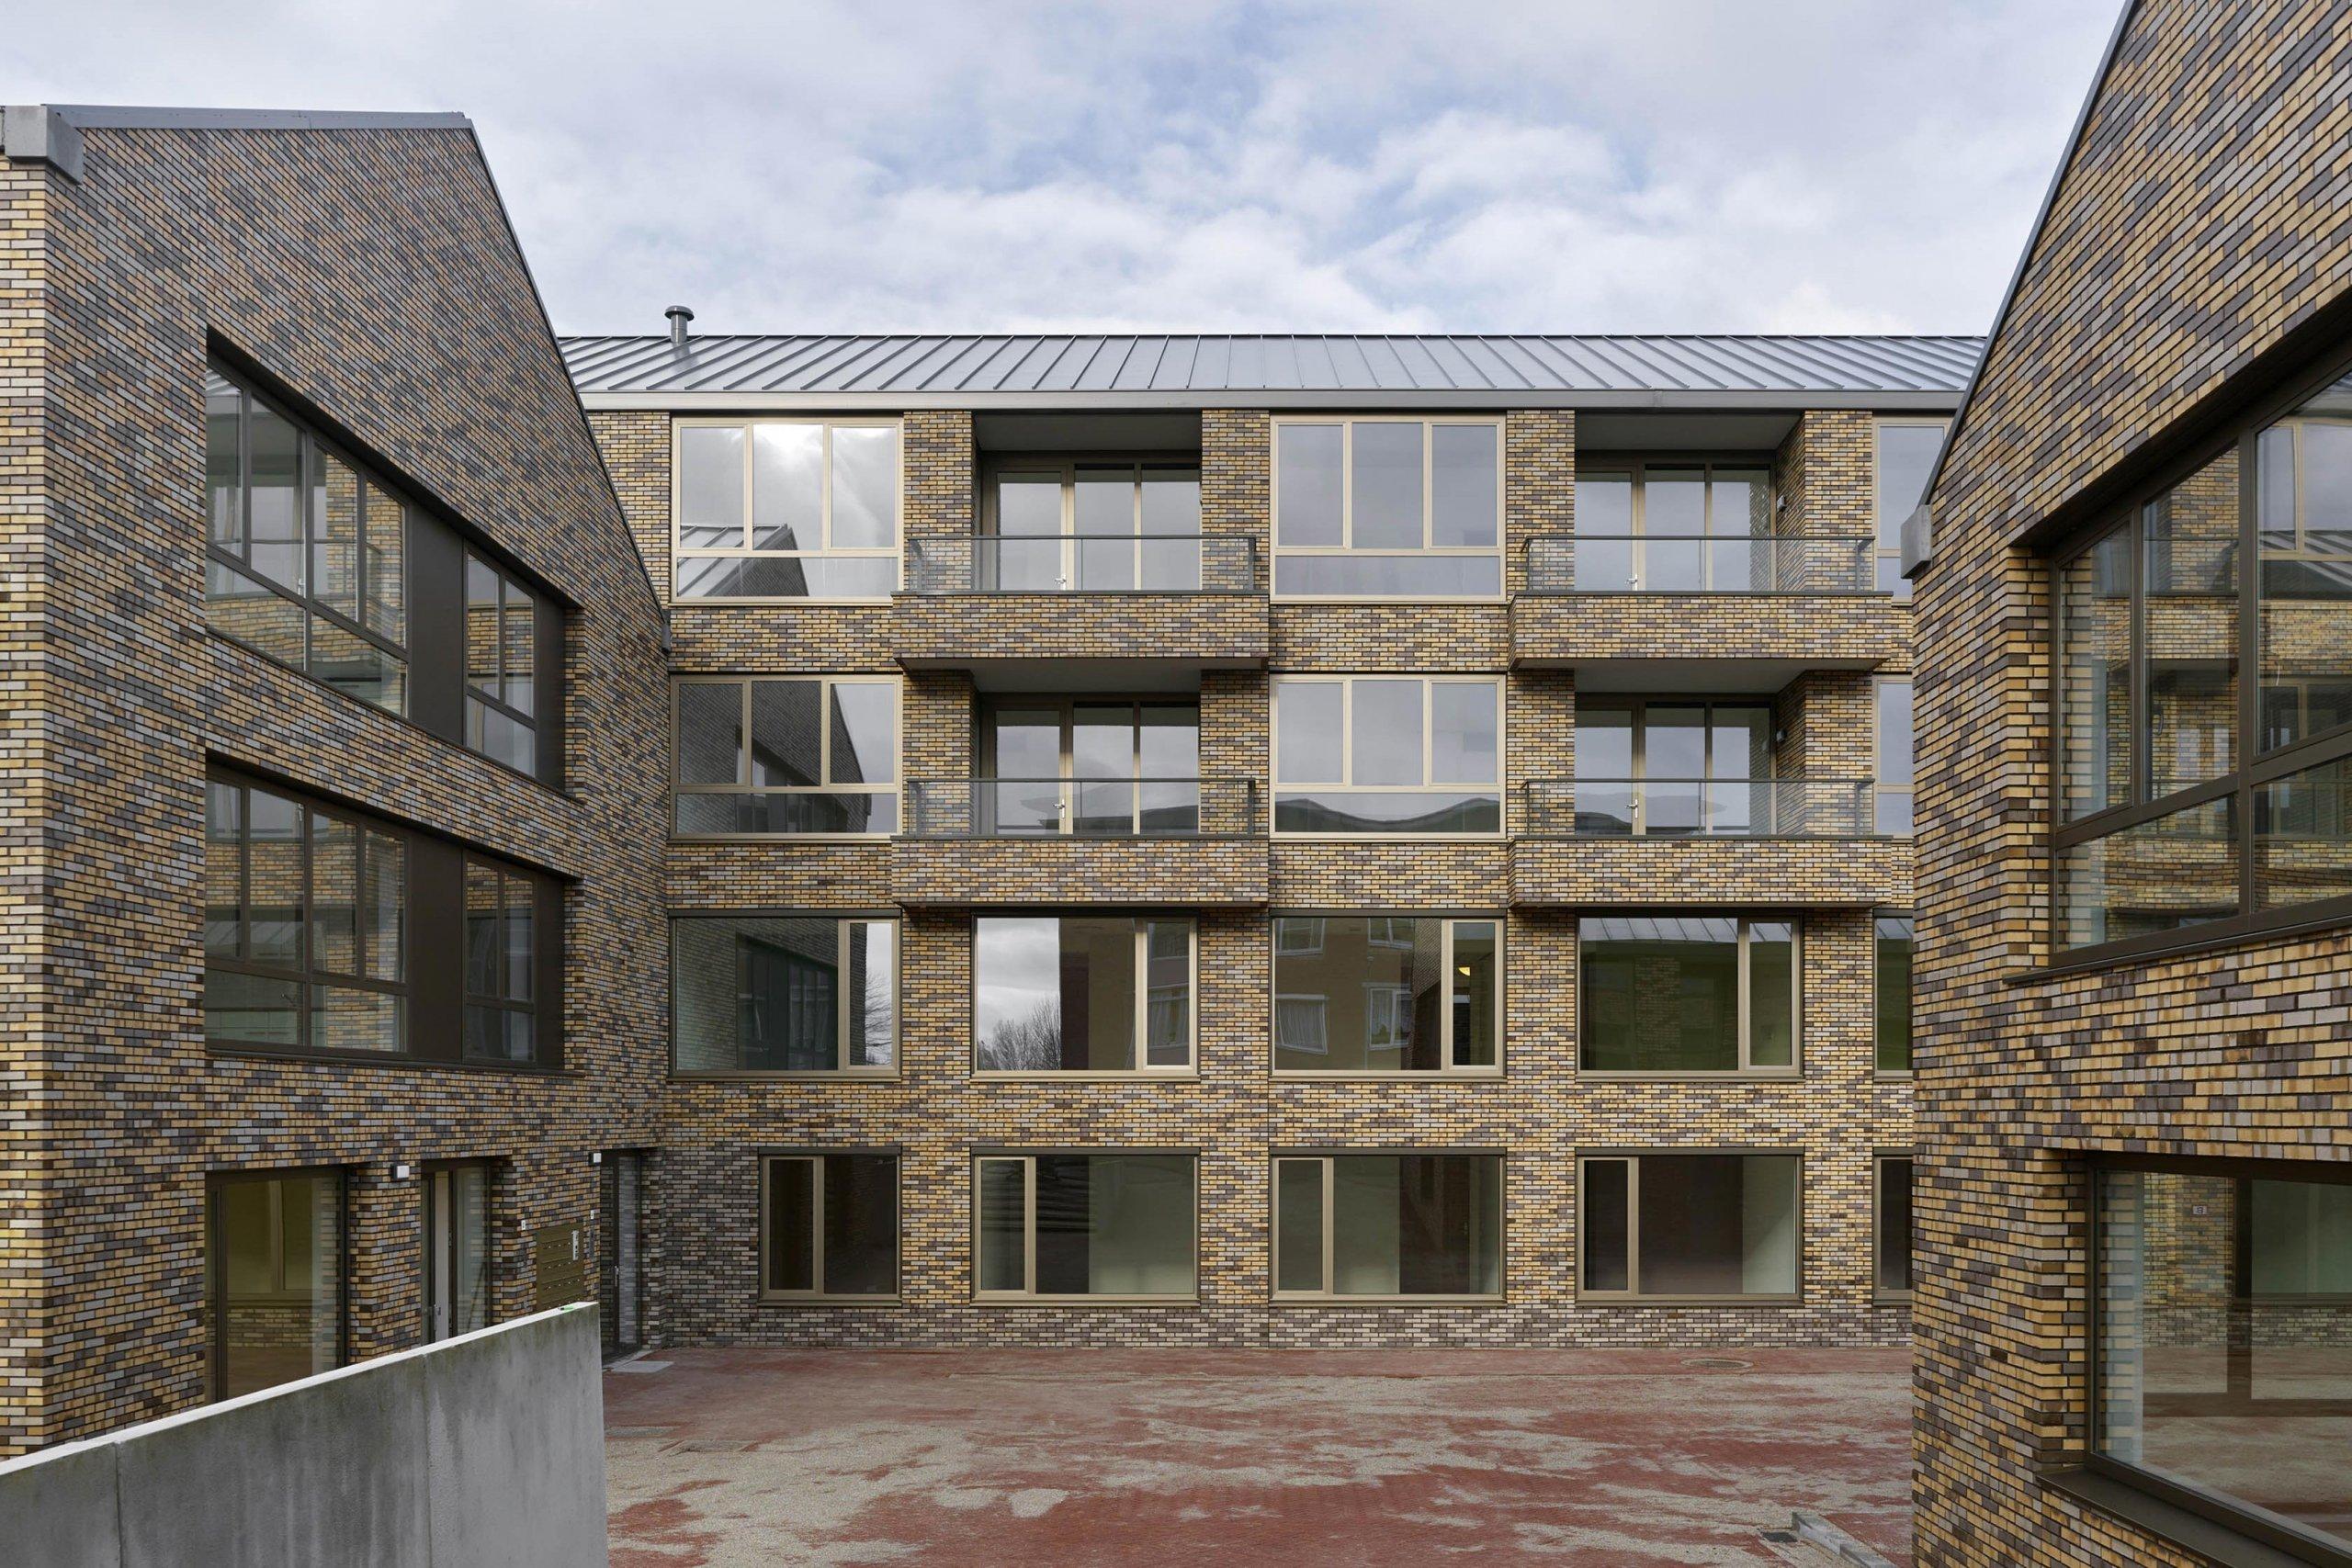 Exterieur van woon en zorgcomplex de maisbais in Middelburg.